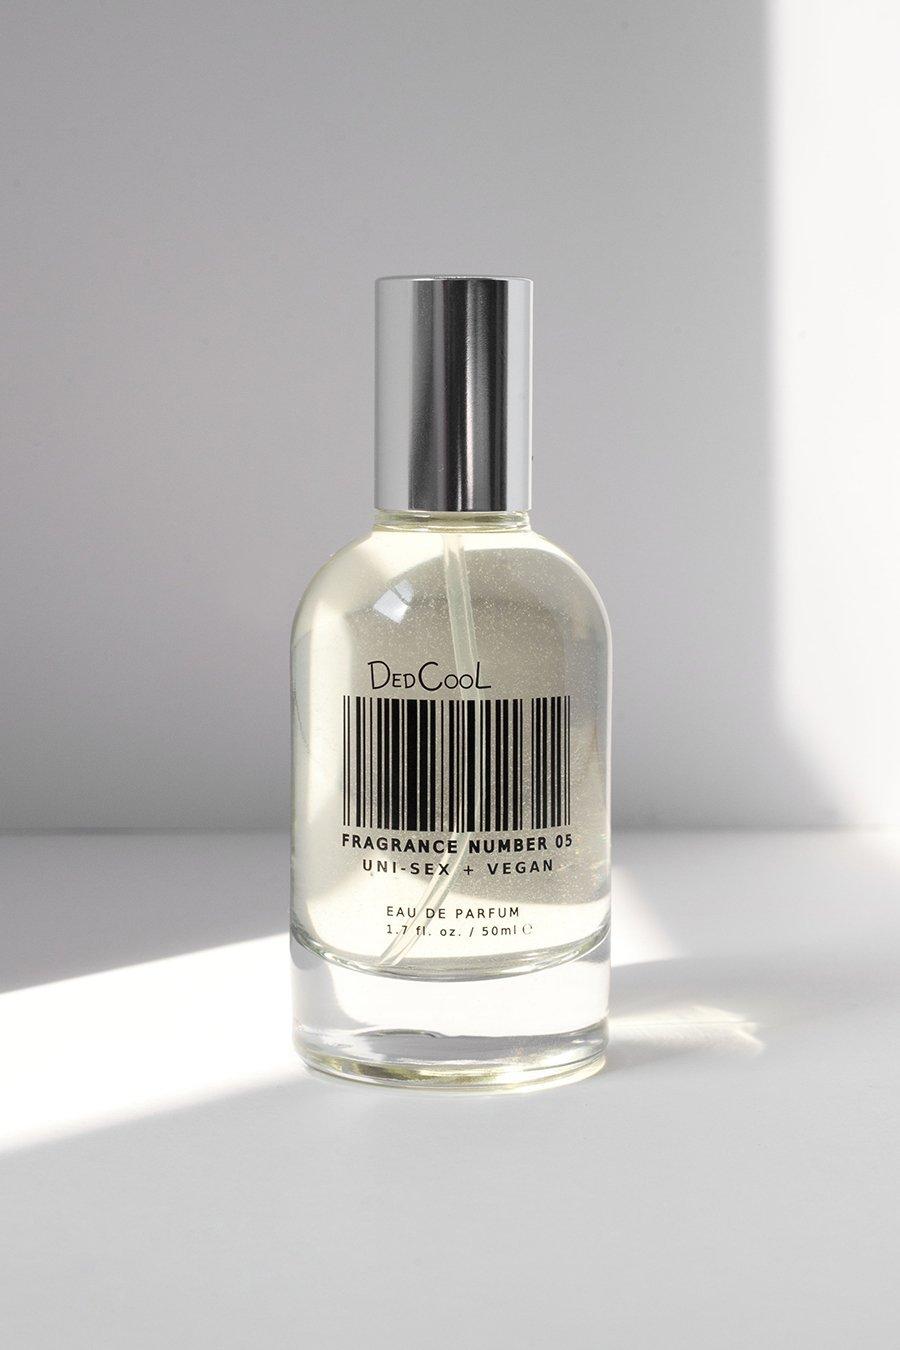 dedcool_unisex_fragrance_05_spring_bottle_900x.jpg